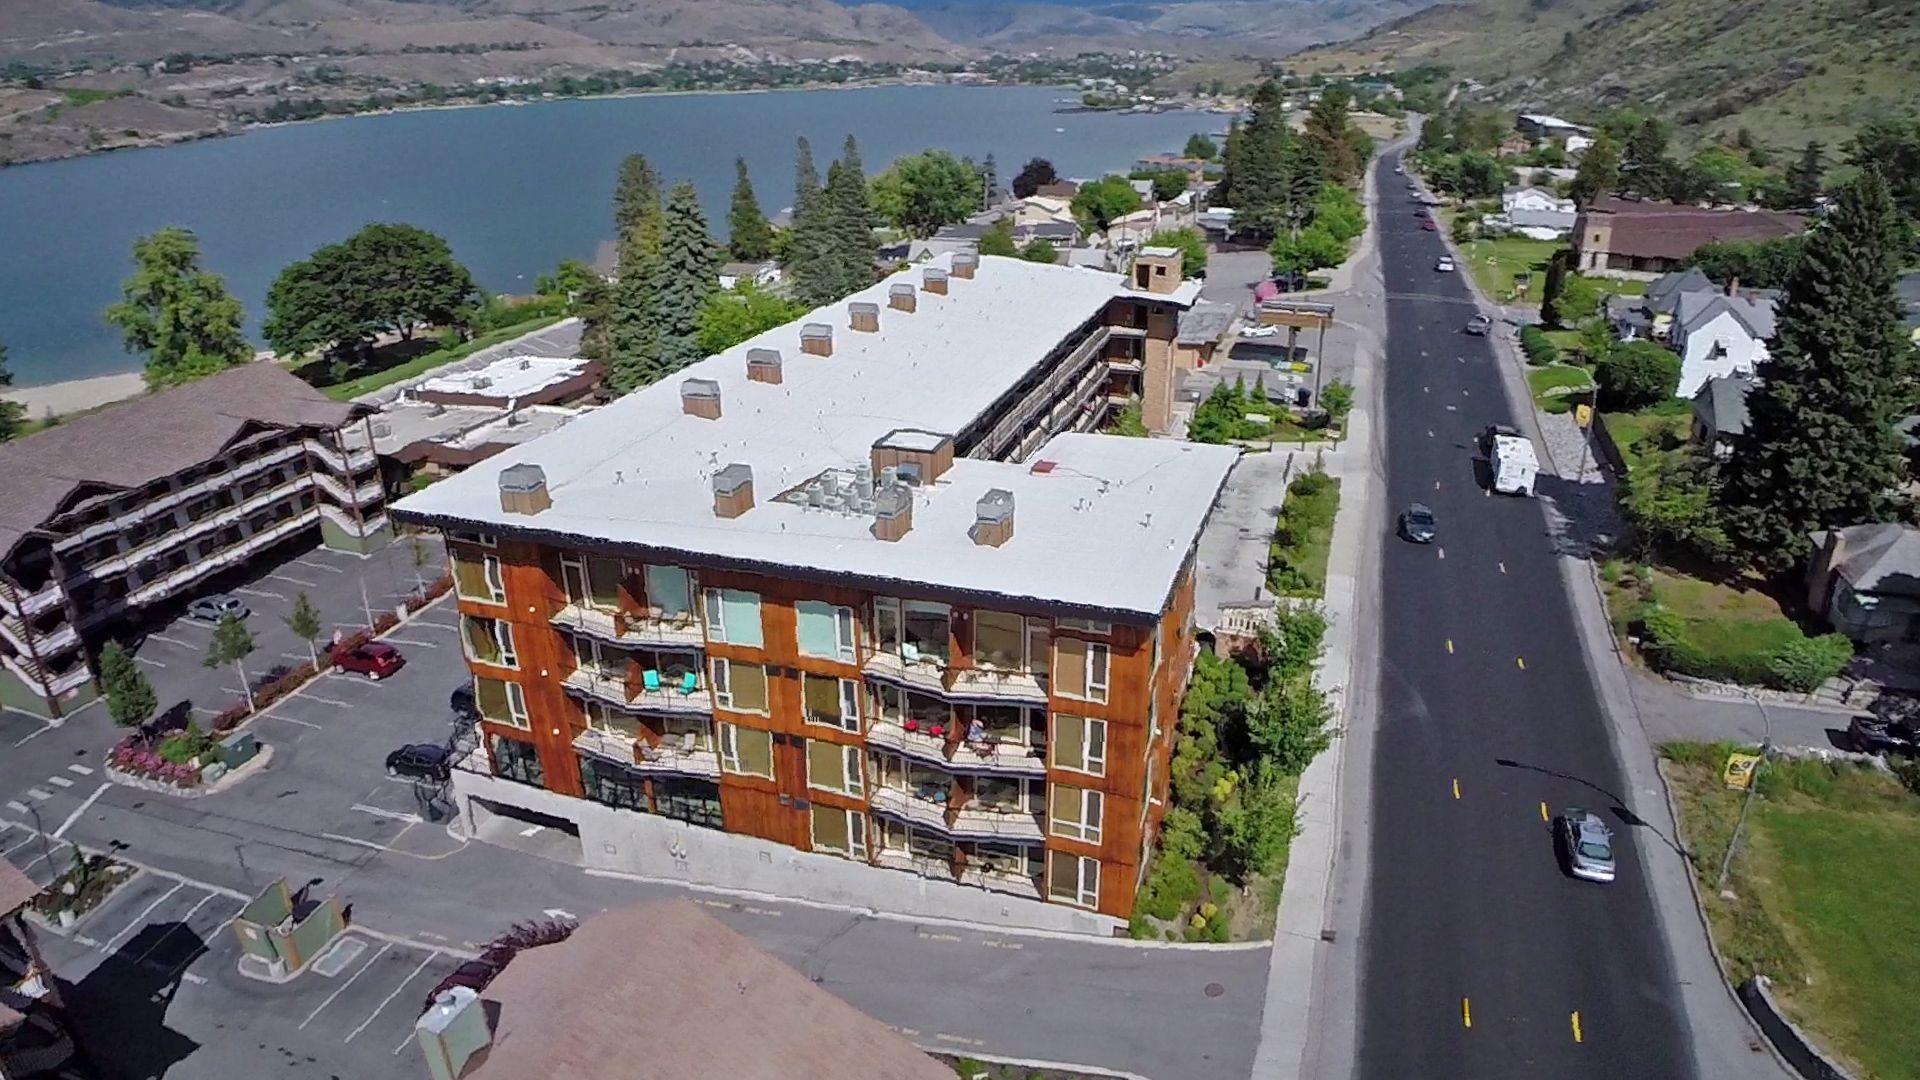 Chelan resort suites condo 110 sage vacation rentals